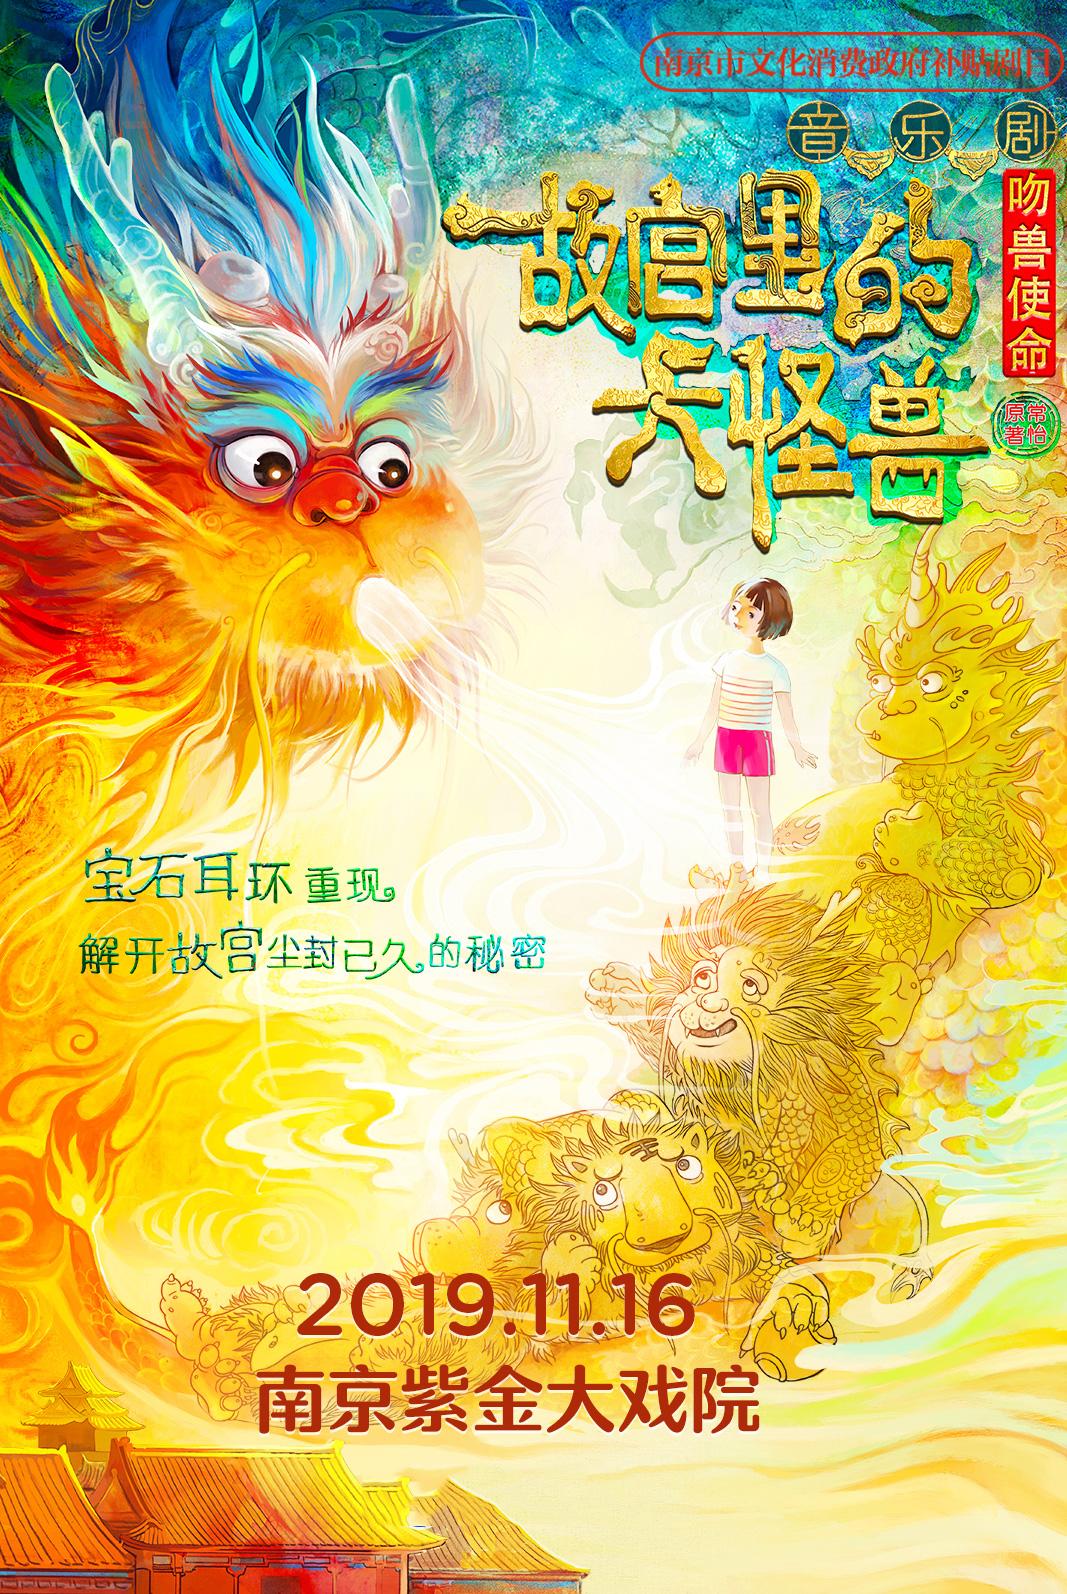 大船文化・家庭音乐剧《故宫里的大怪兽之吻兽使命》南京站